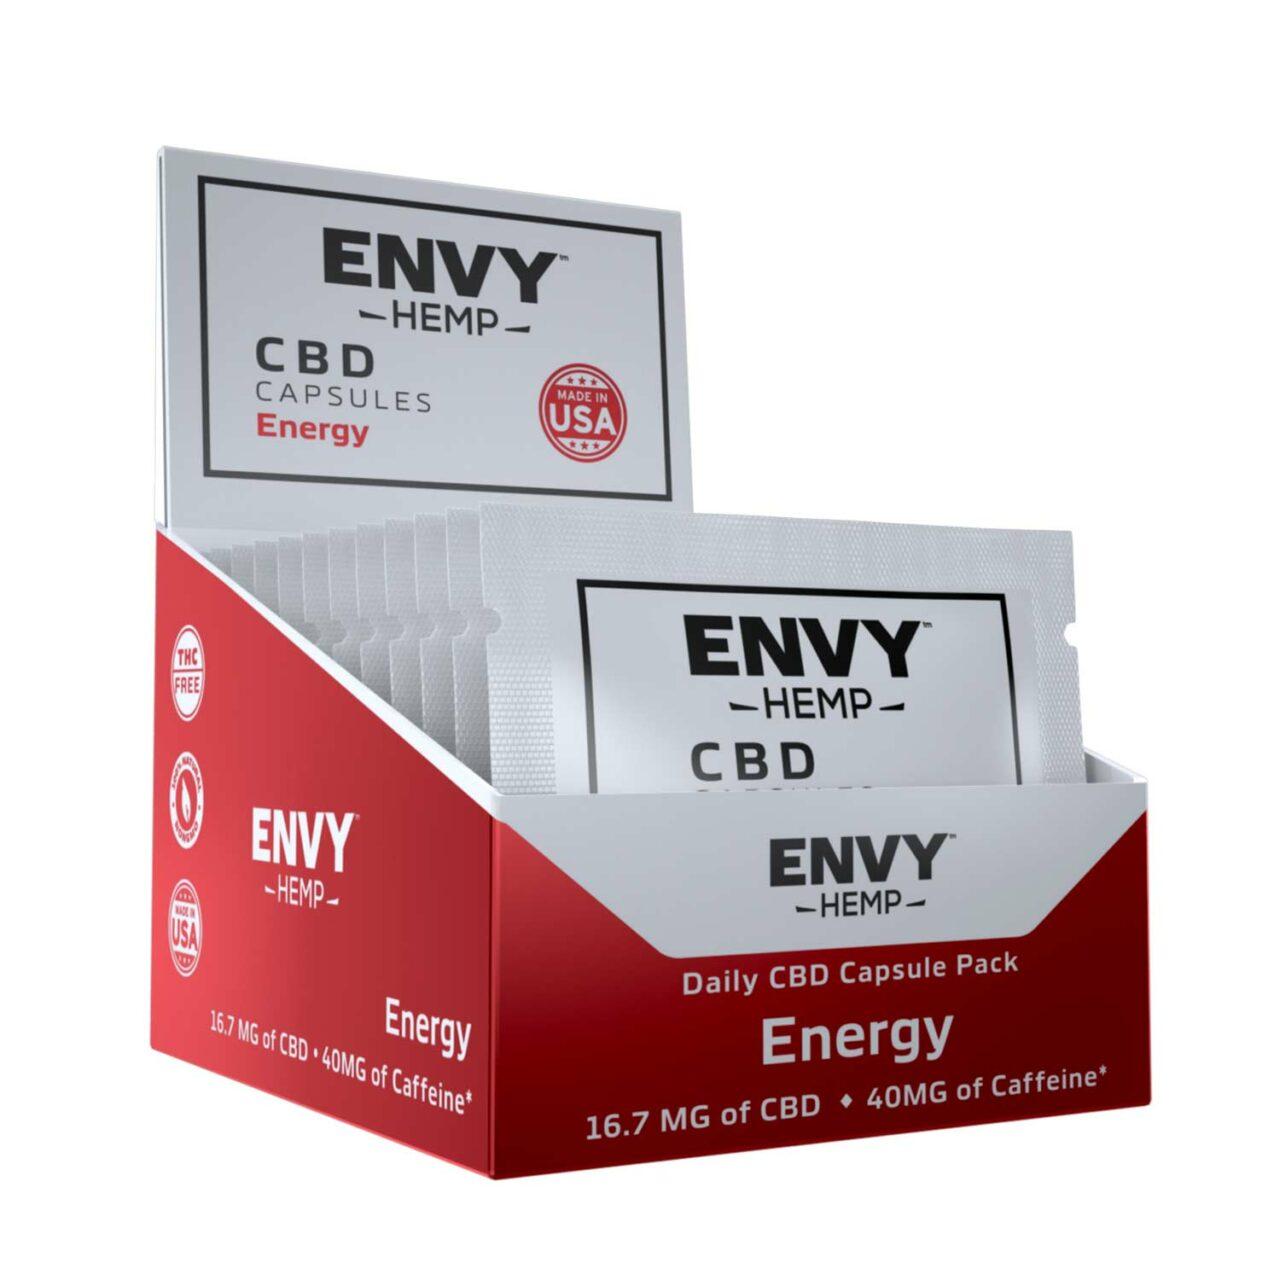 envy-hemp-cbd-capsules-for-energy-with-caffeine-30-count-16-7mg-of-cbd